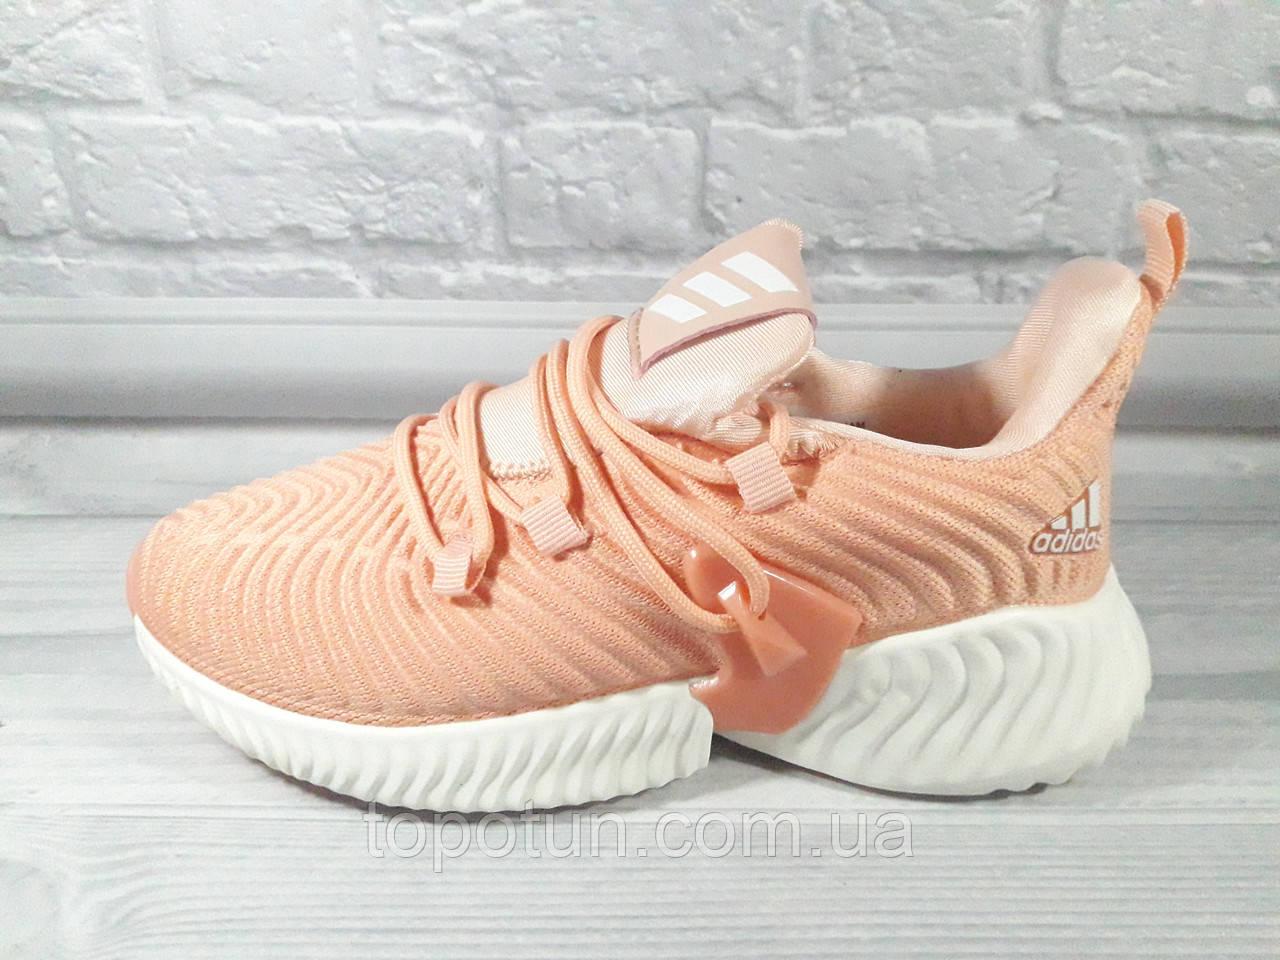 """Детские кроссовки для девочки """"Adidas"""" Размер: 36,37,38,39,40,41"""